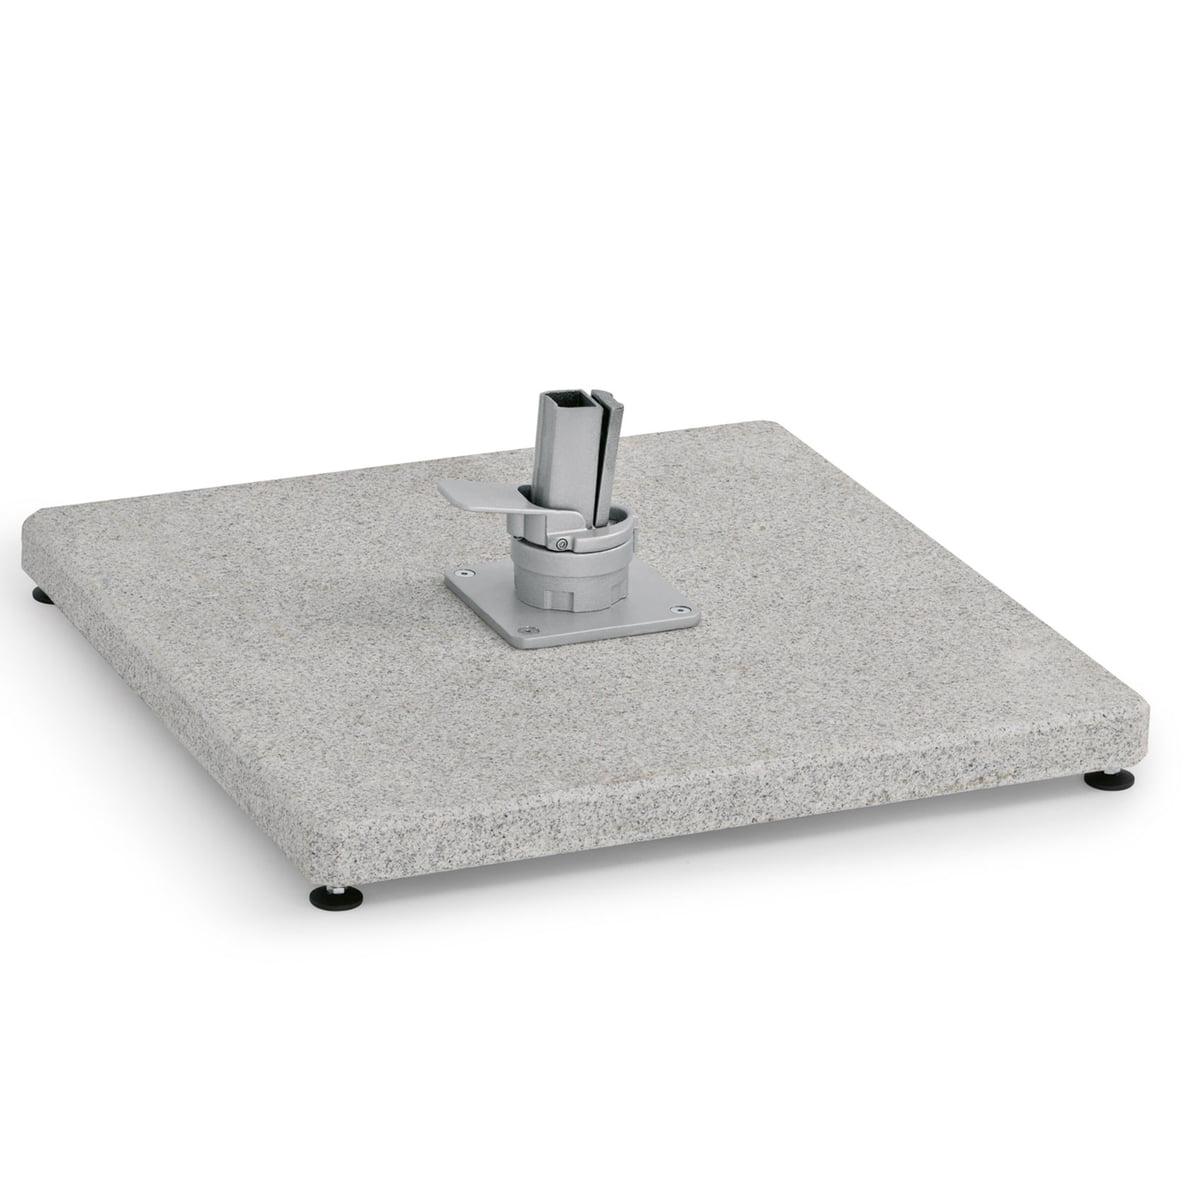 Weishäupl - Schirmständer Bodenplatte für Freiarmschirm, granit | Garten > Sonnenschirme und Markisen > Sonnenschirmständer | Weishäupl